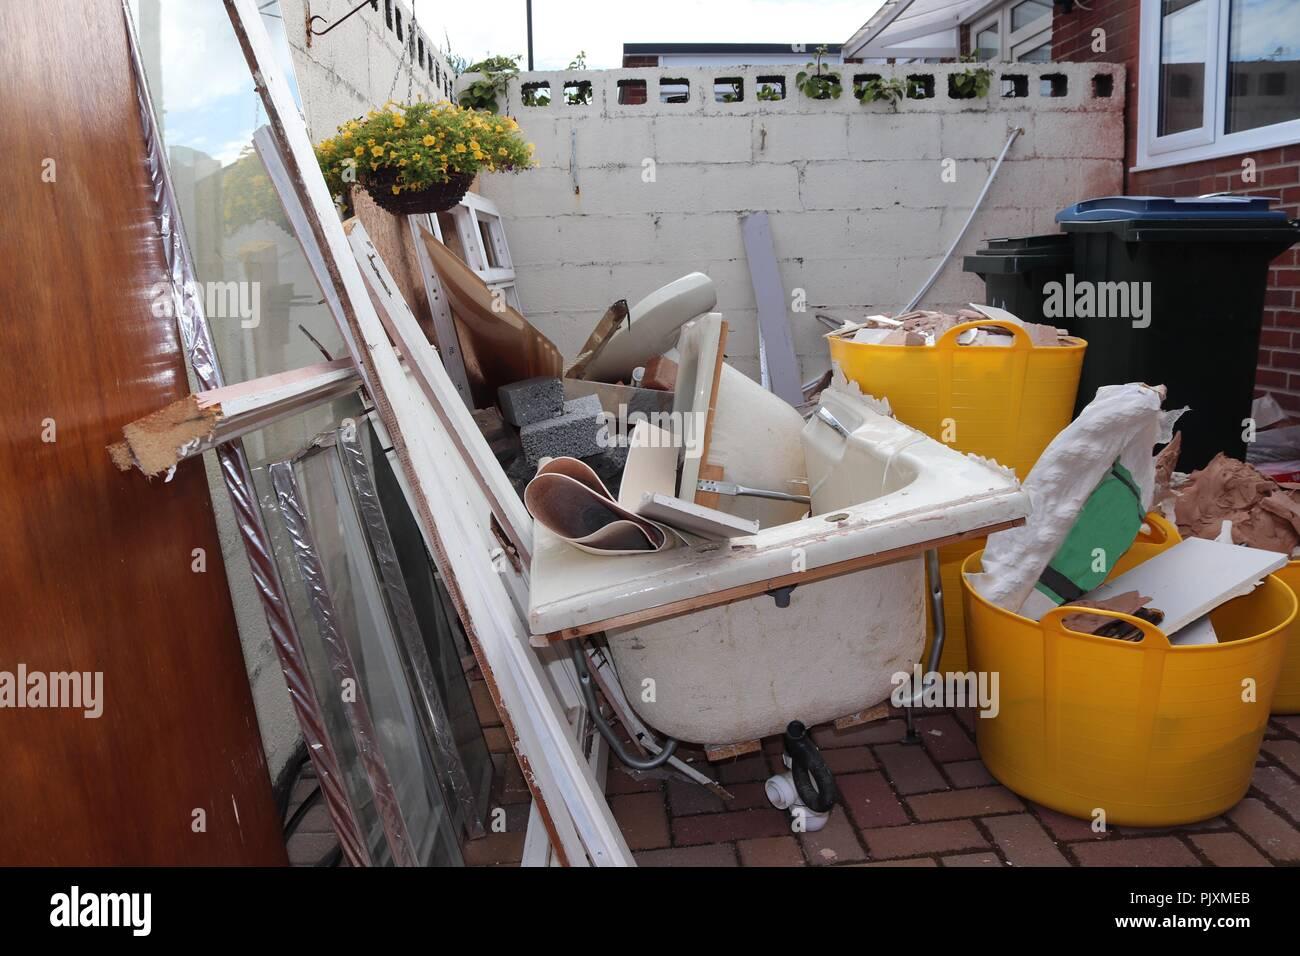 Progetti Di Ristrutturazione Bagno home progetto di ristrutturazione, nuova suite bagno.cortile